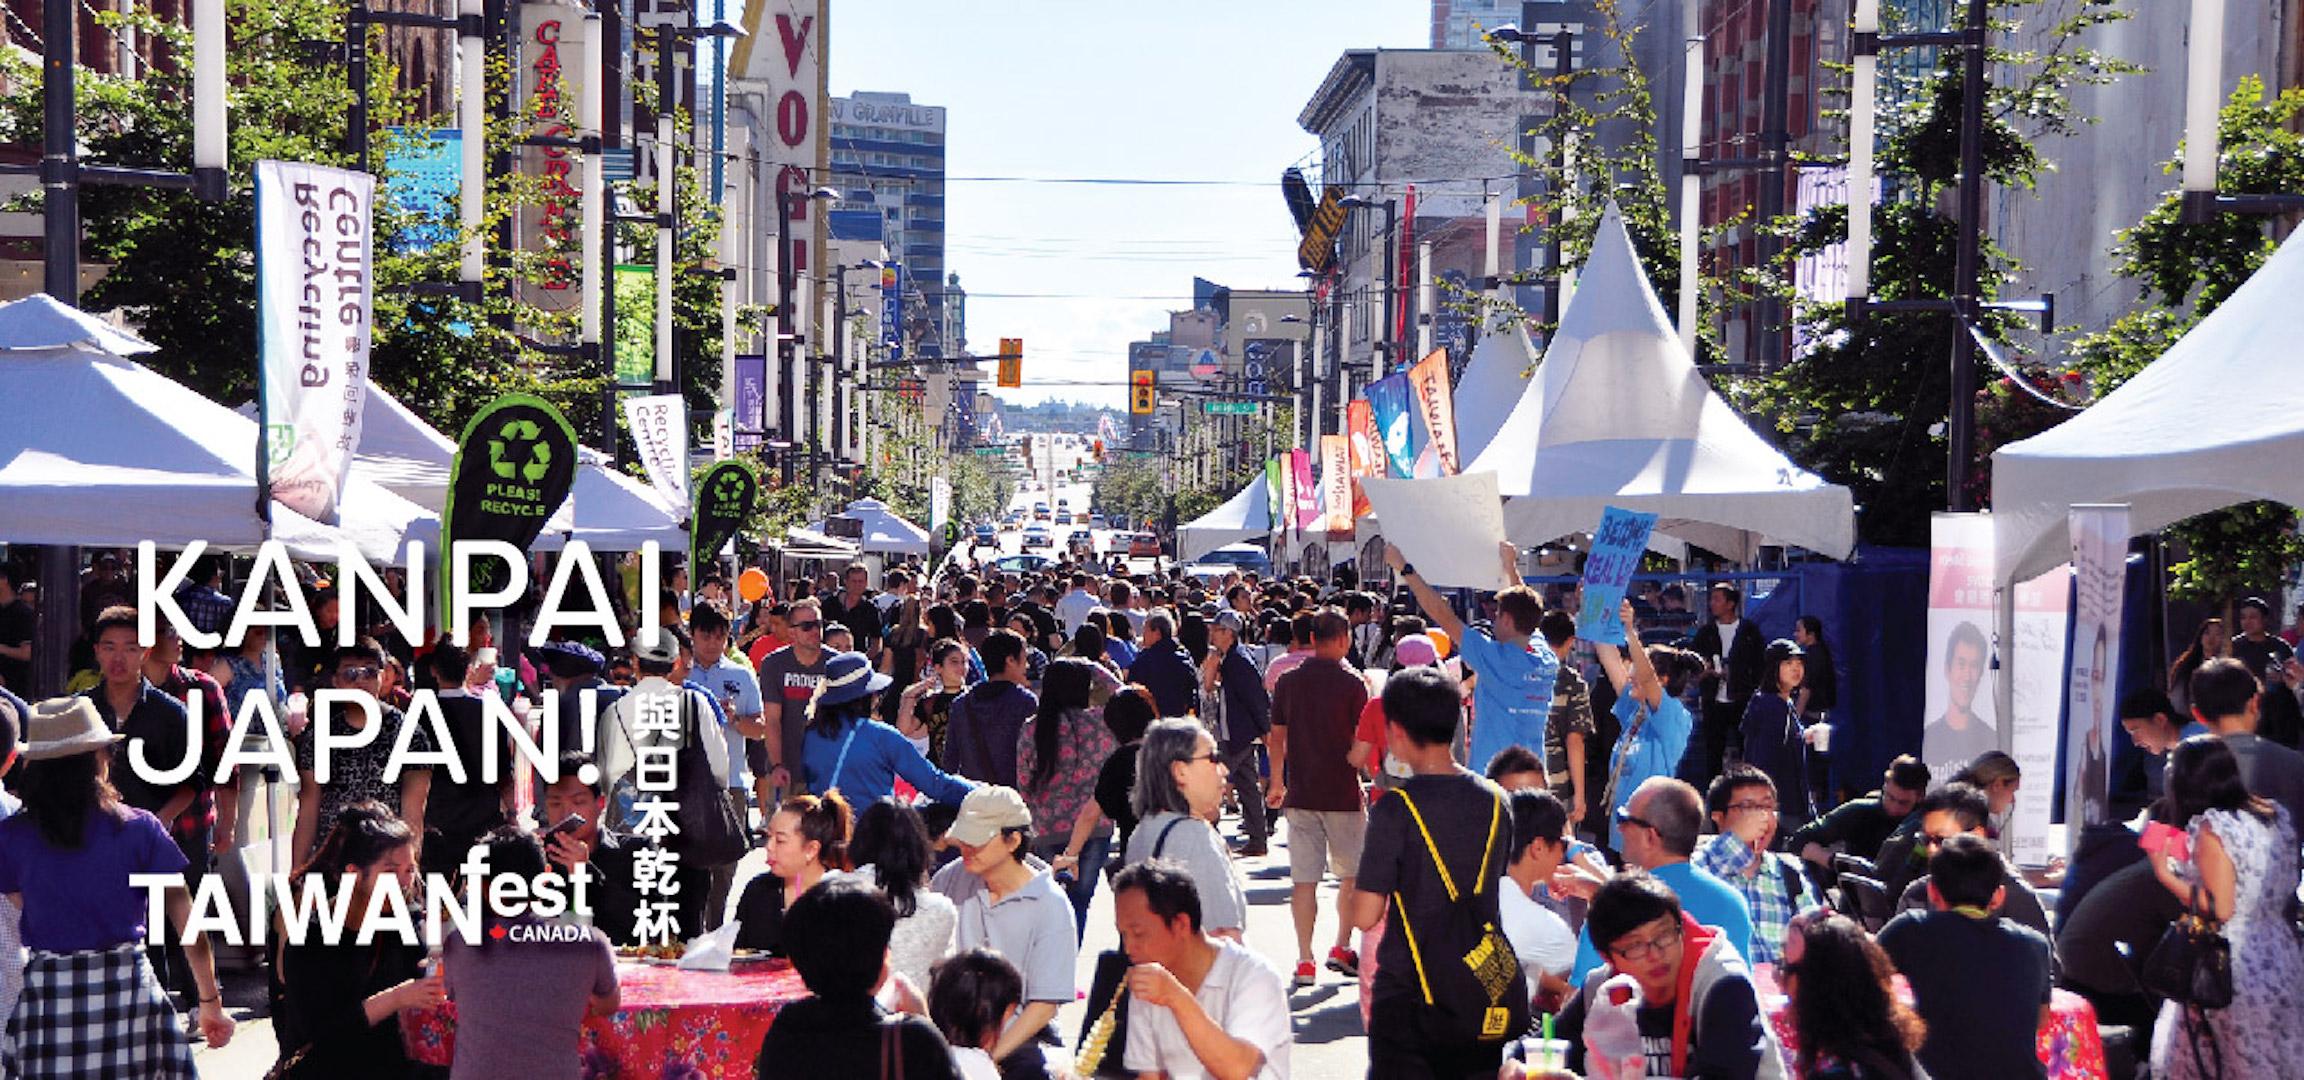 How do I best enjoy TAIWANfest?